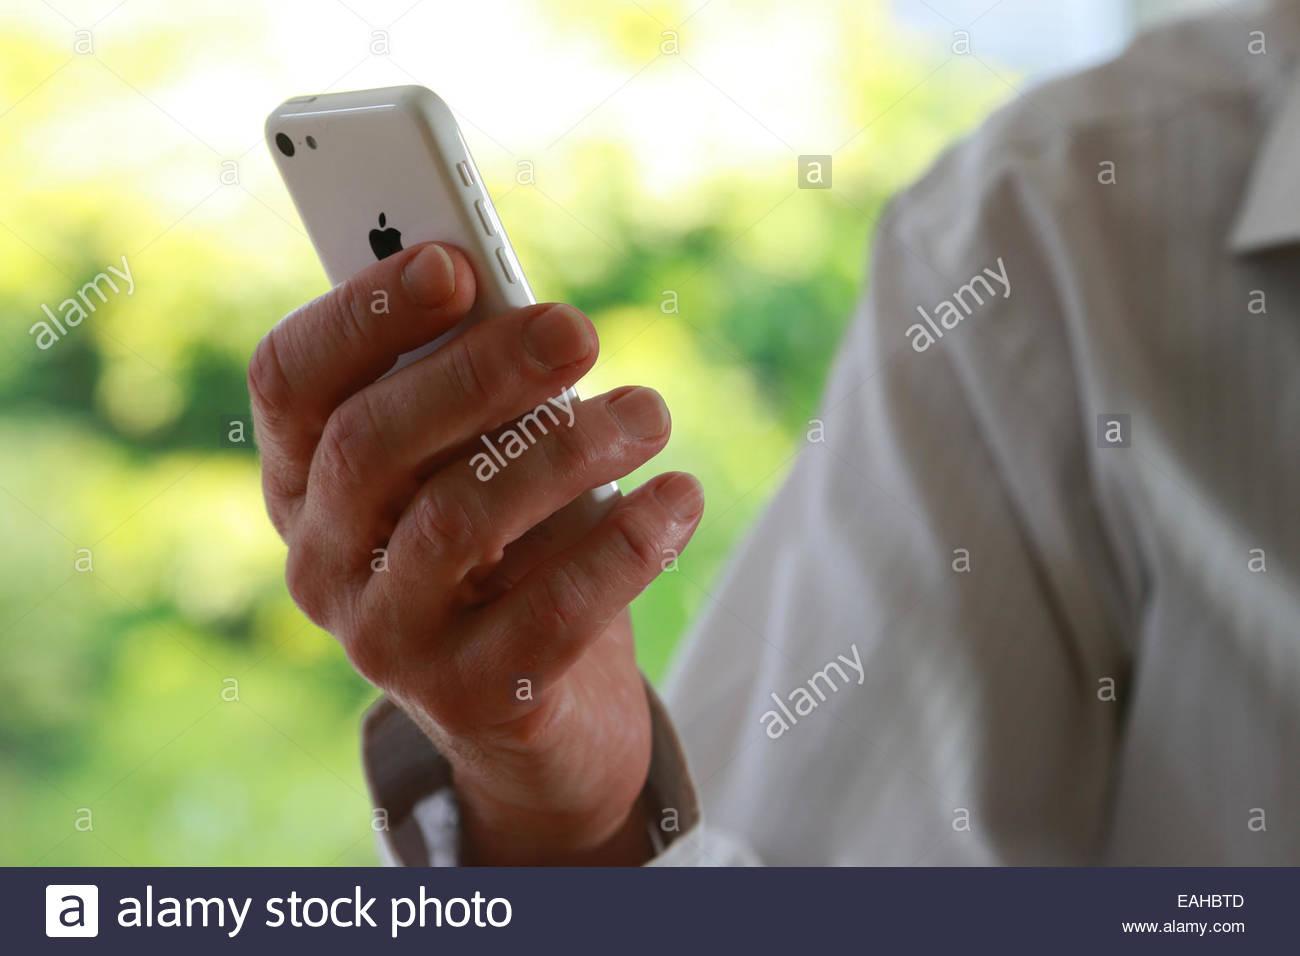 Chiudere shot di man mano che tiene un iphone. Immagini Stock